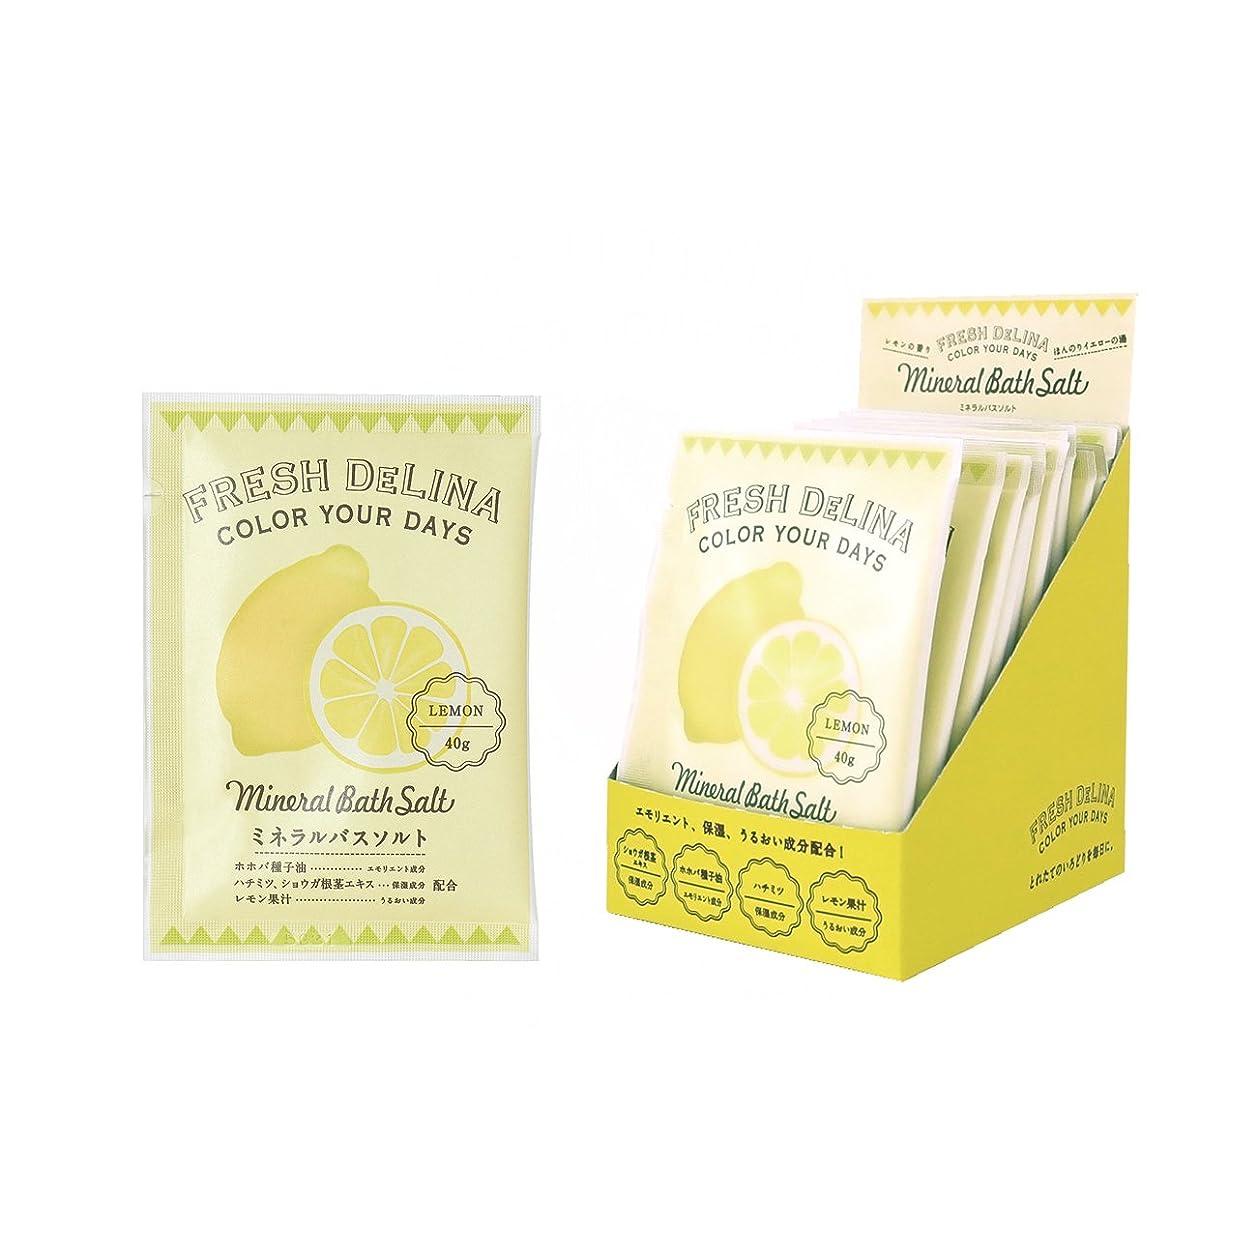 餌キャンパス避難フレッシュデリーナ ミネラルバスソルト40g(レモン) 12個 (海塩タイプ入浴料 日本製 どこかなつかしいフレッシュなレモンの香り)